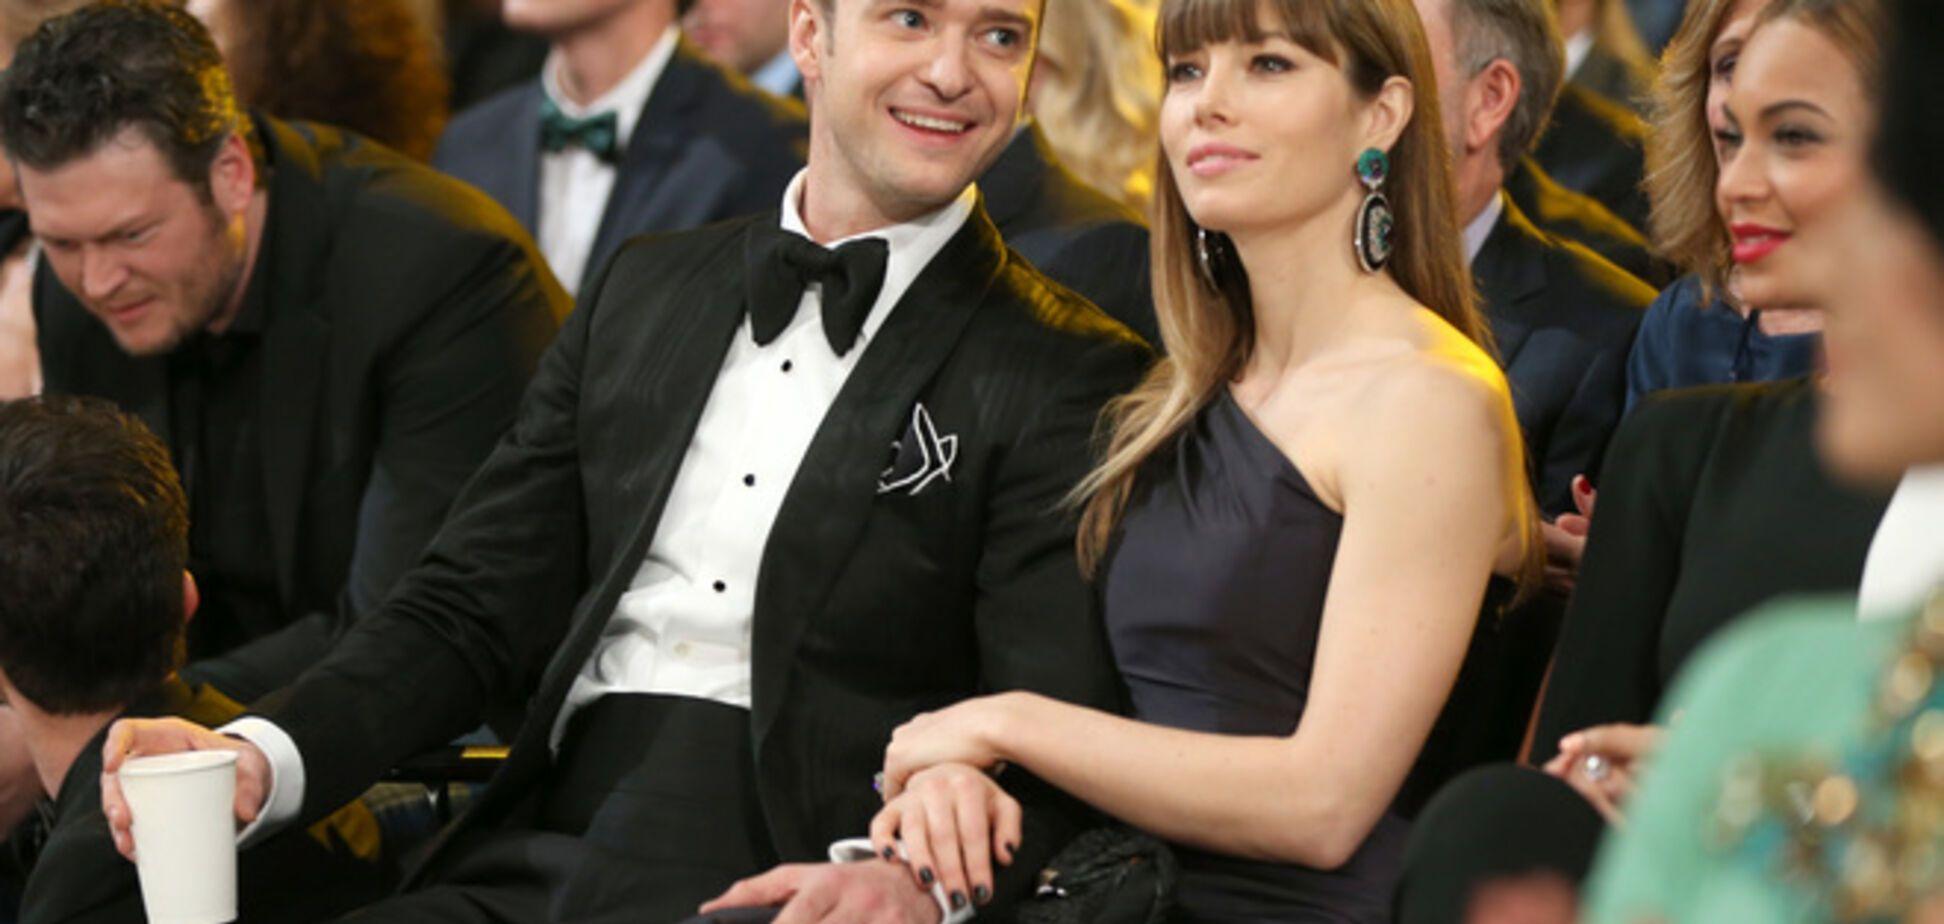 Джастин Тимберлейк и Джессика Бил ждут первенца